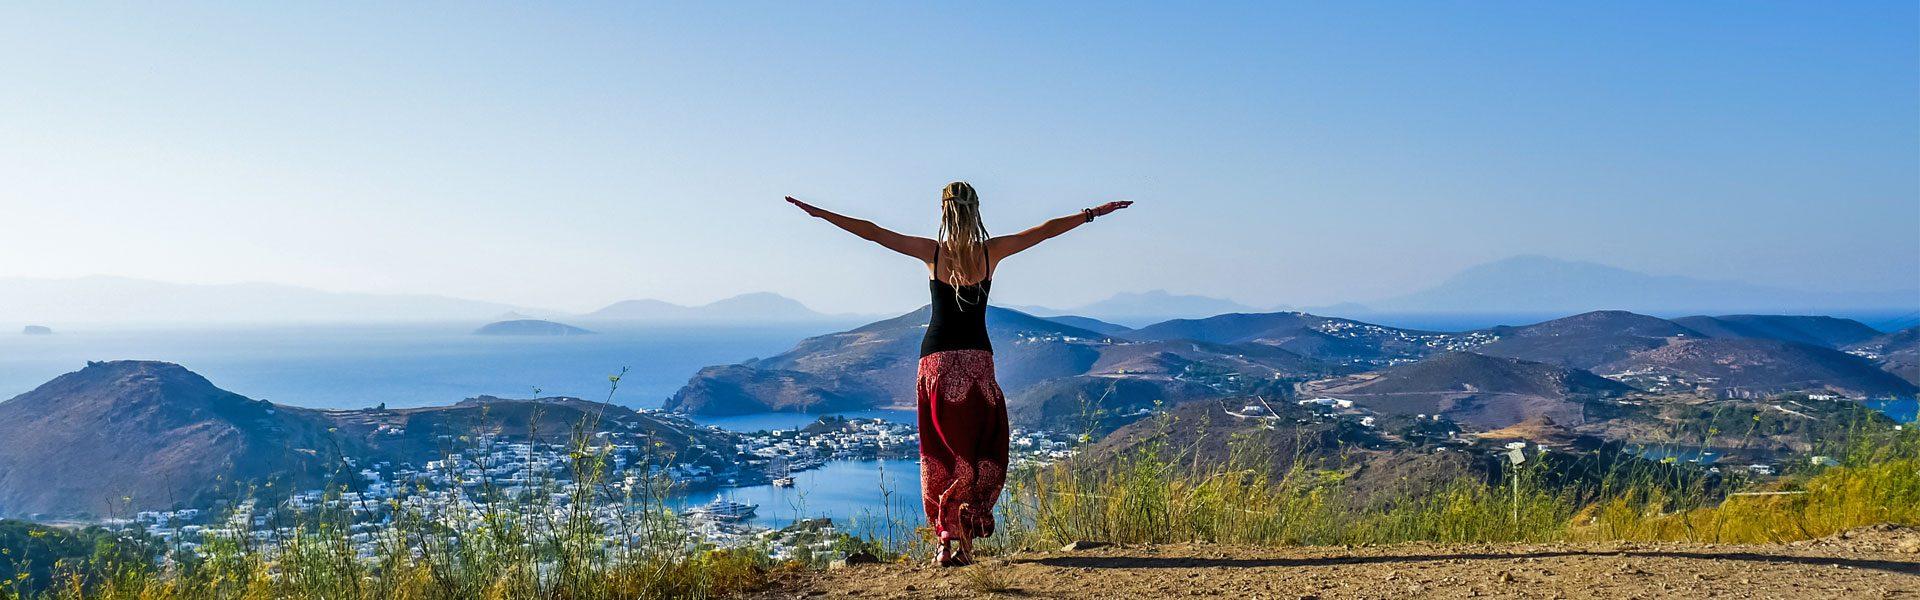 Dreadlock girl on Patmos overlooking ocean and islands